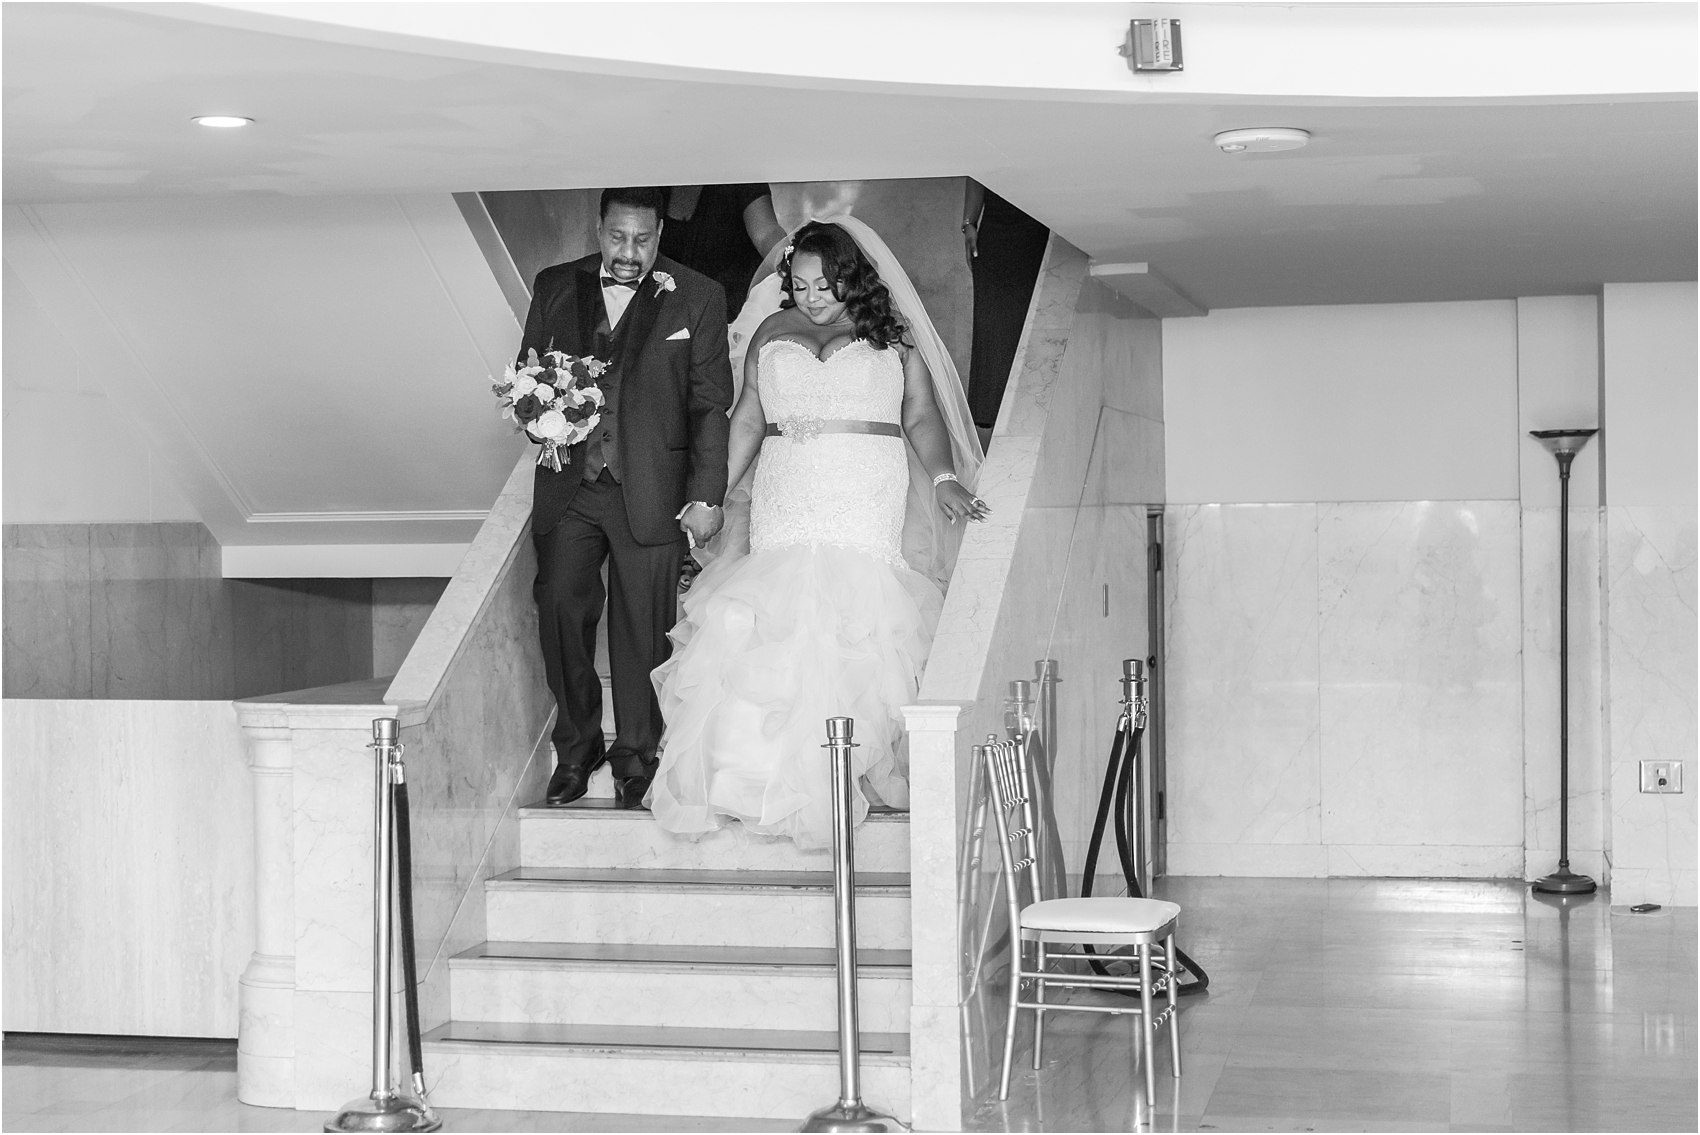 minimalist-and-modern-wedding-photos-at-30-north-saginaw-in-pontiac-michigan-by-courtney-carolyn-photography_0033.jpg